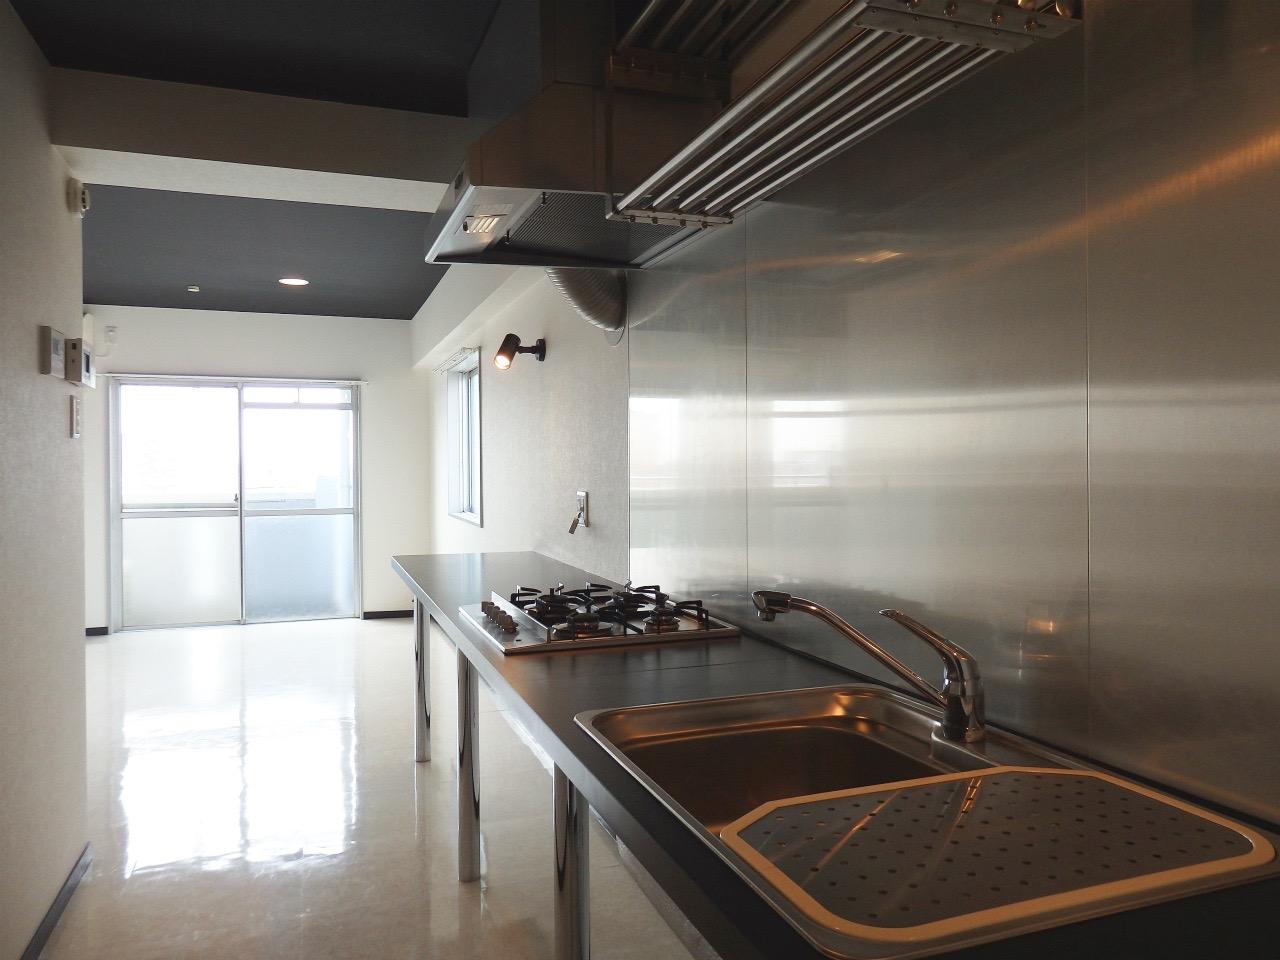 反対側から見るとこんな感じ。インテリア次第で、キッチンもお部屋もかなりかっこよくできそうです。